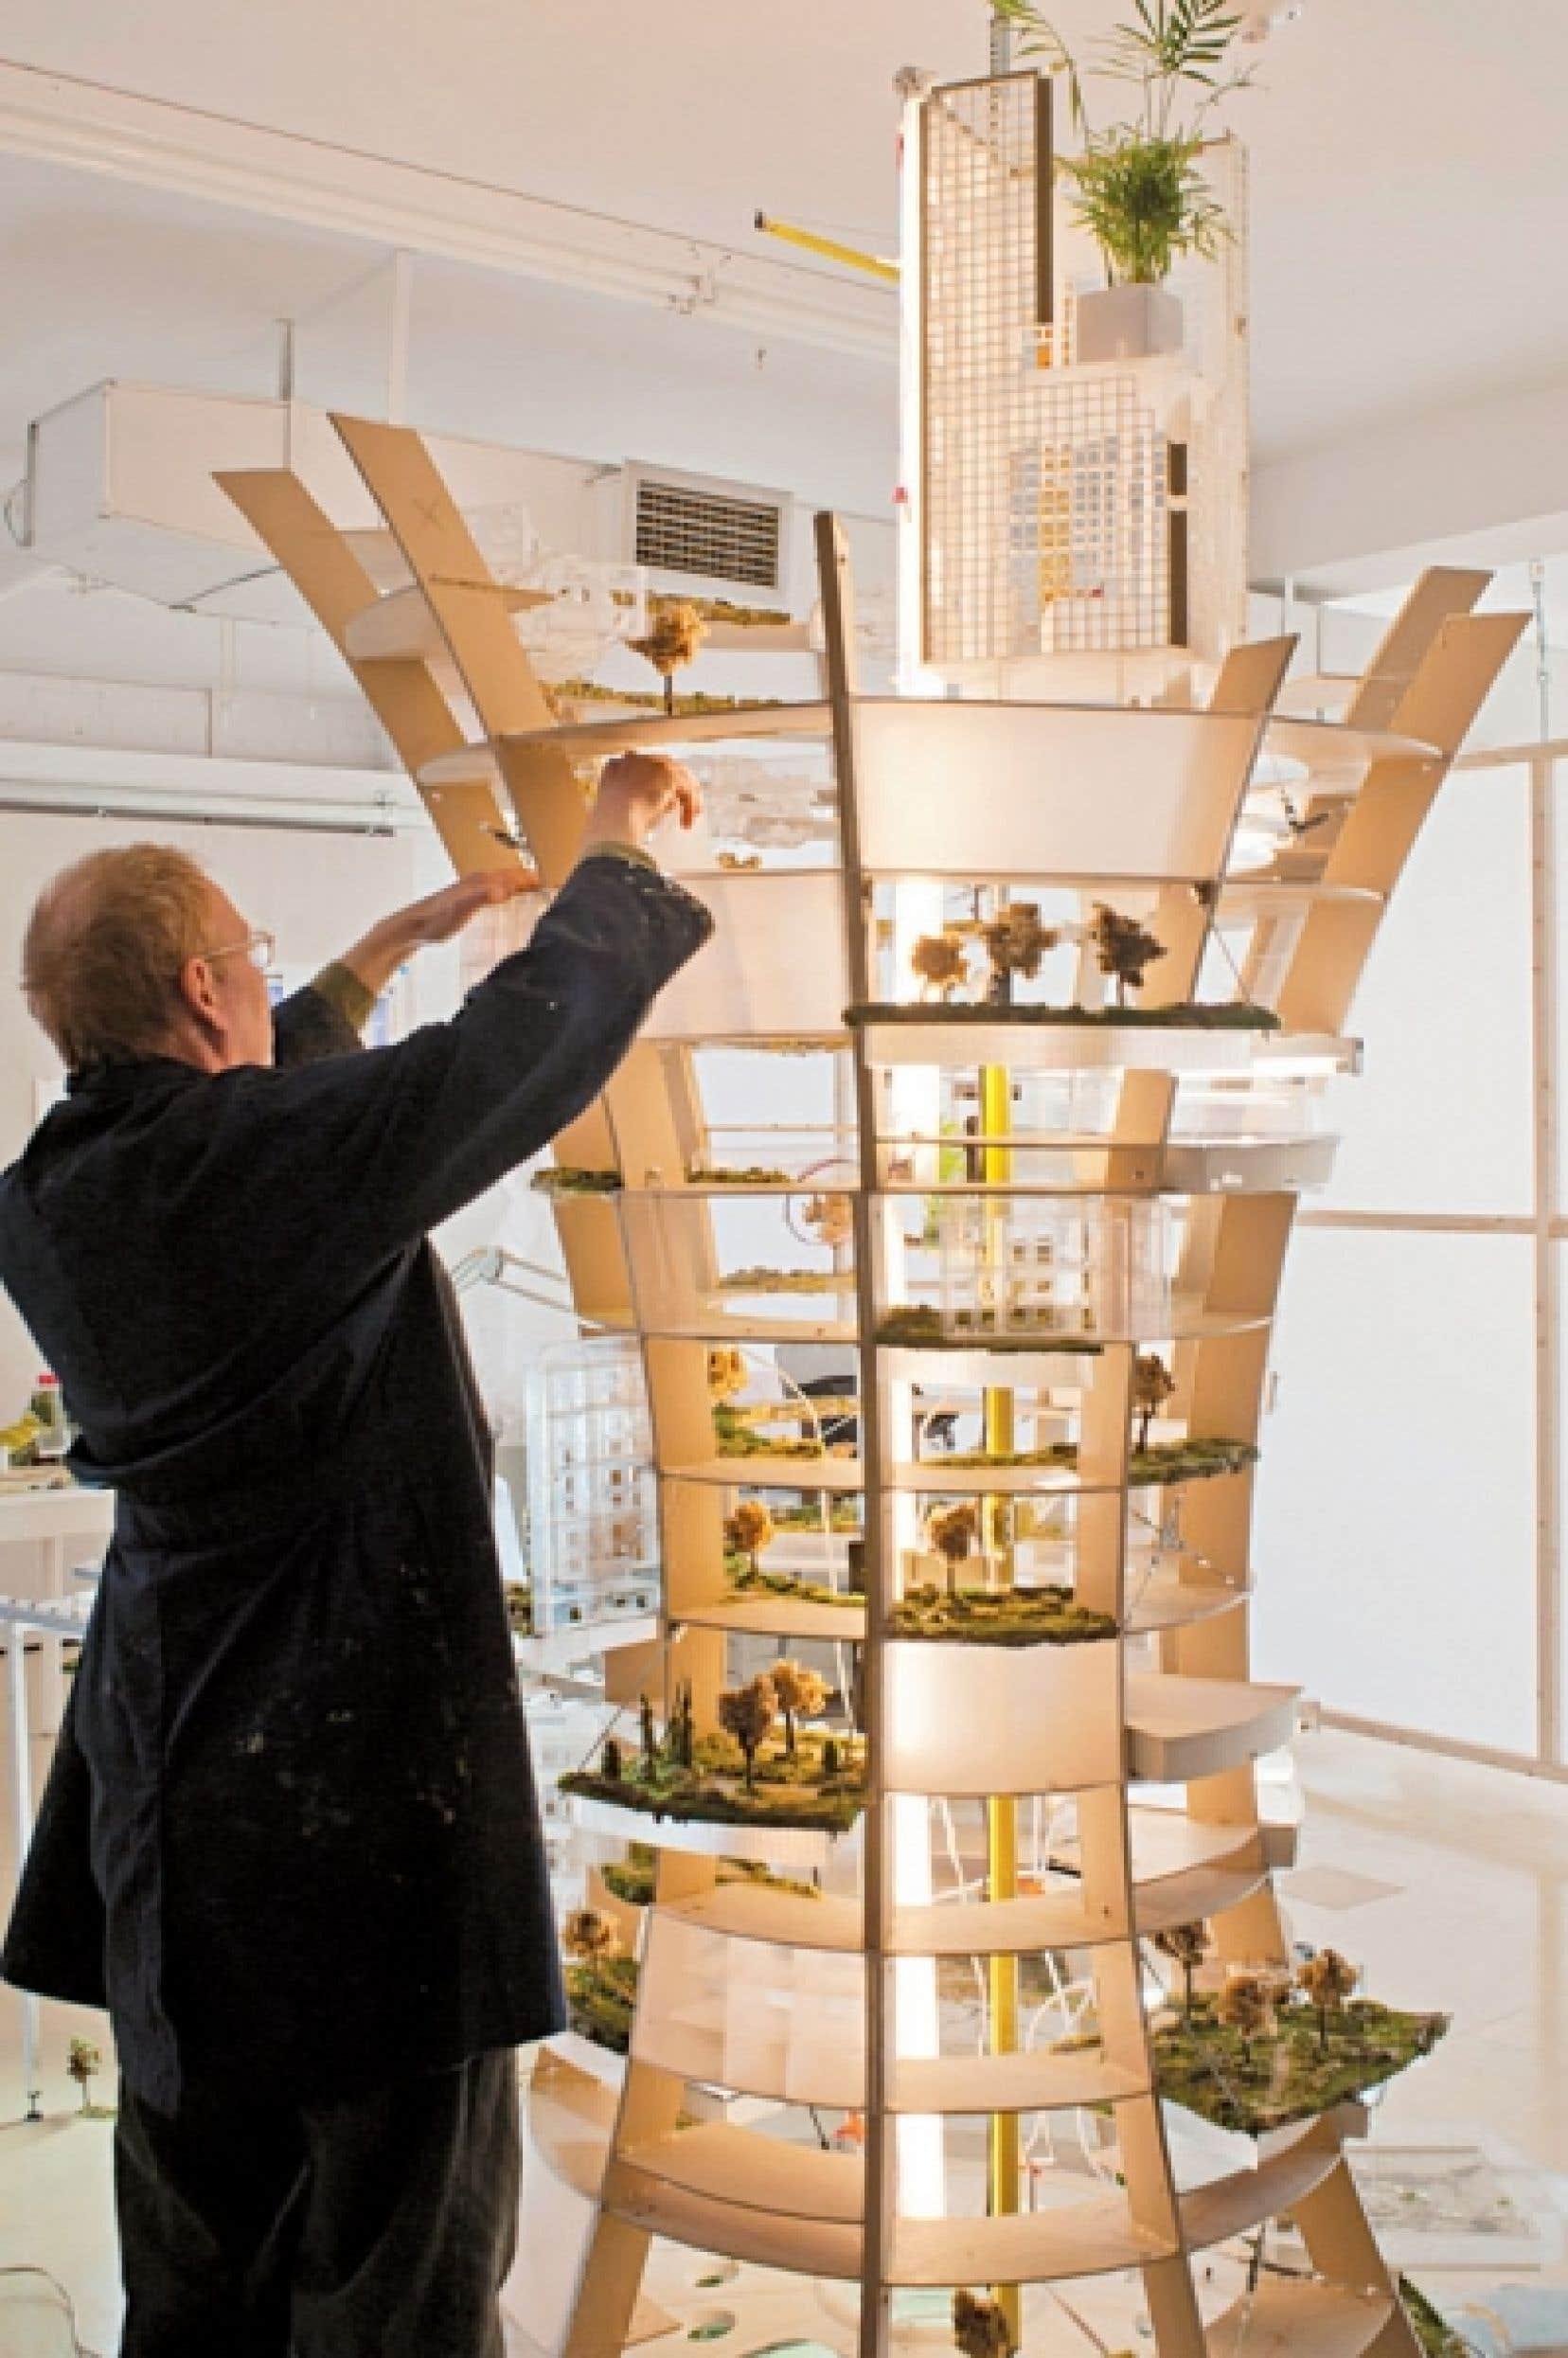 Daniel Corbeil travaillant sur sa tour Cité laboratoire